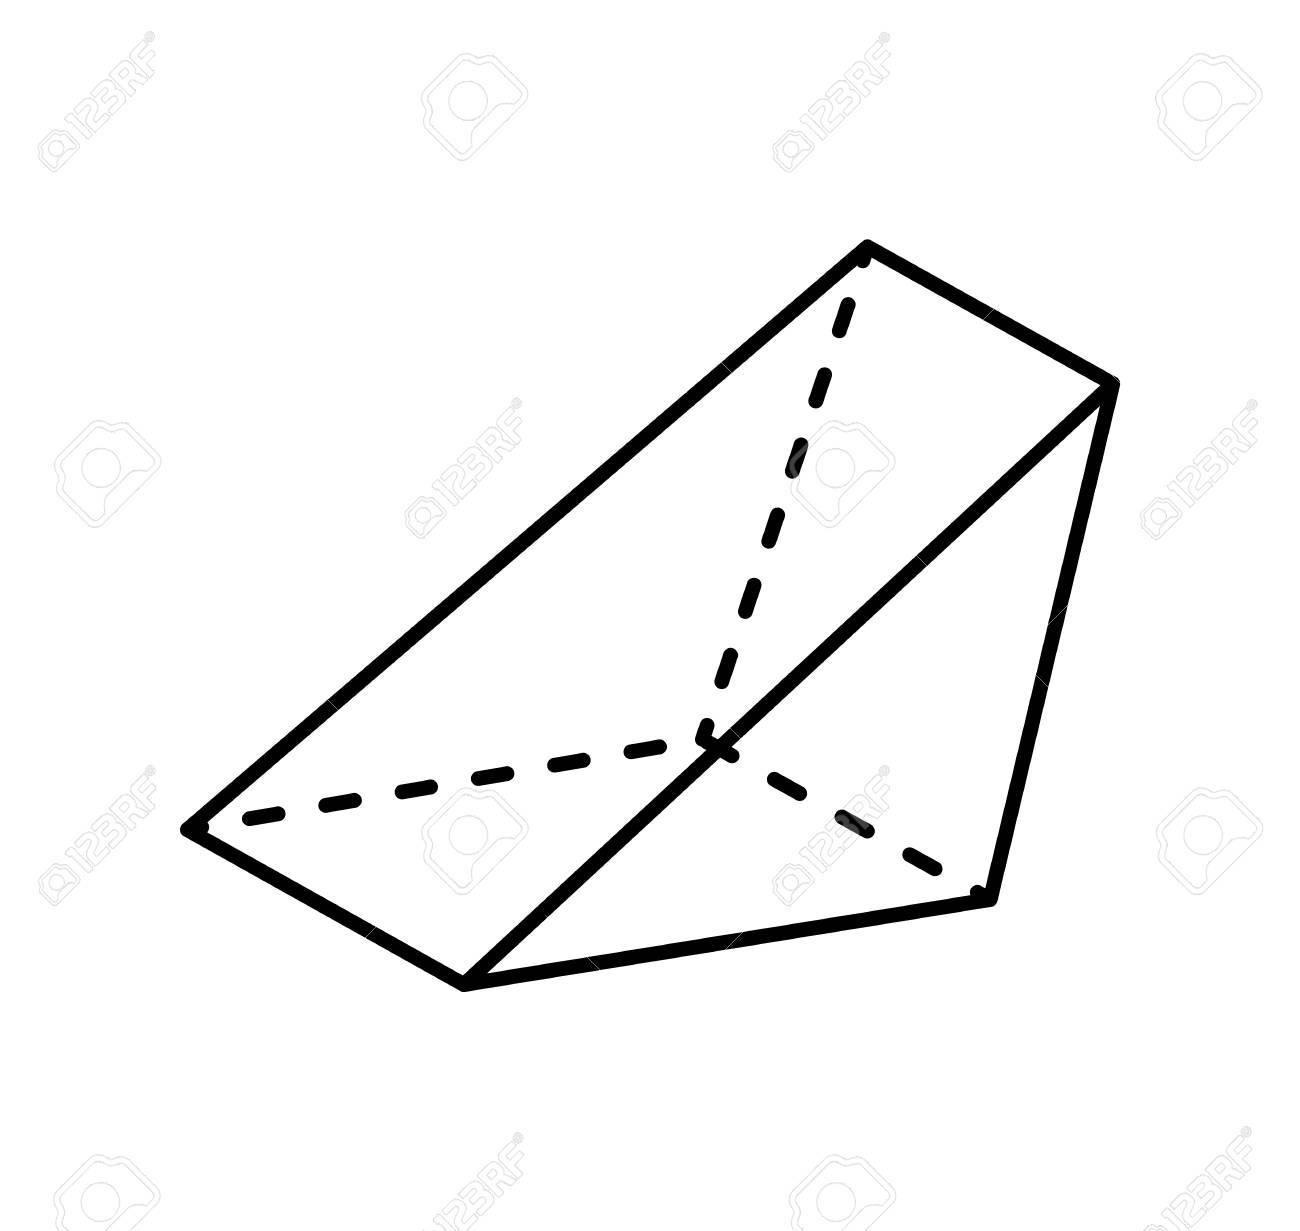 clipart triangular prism #18